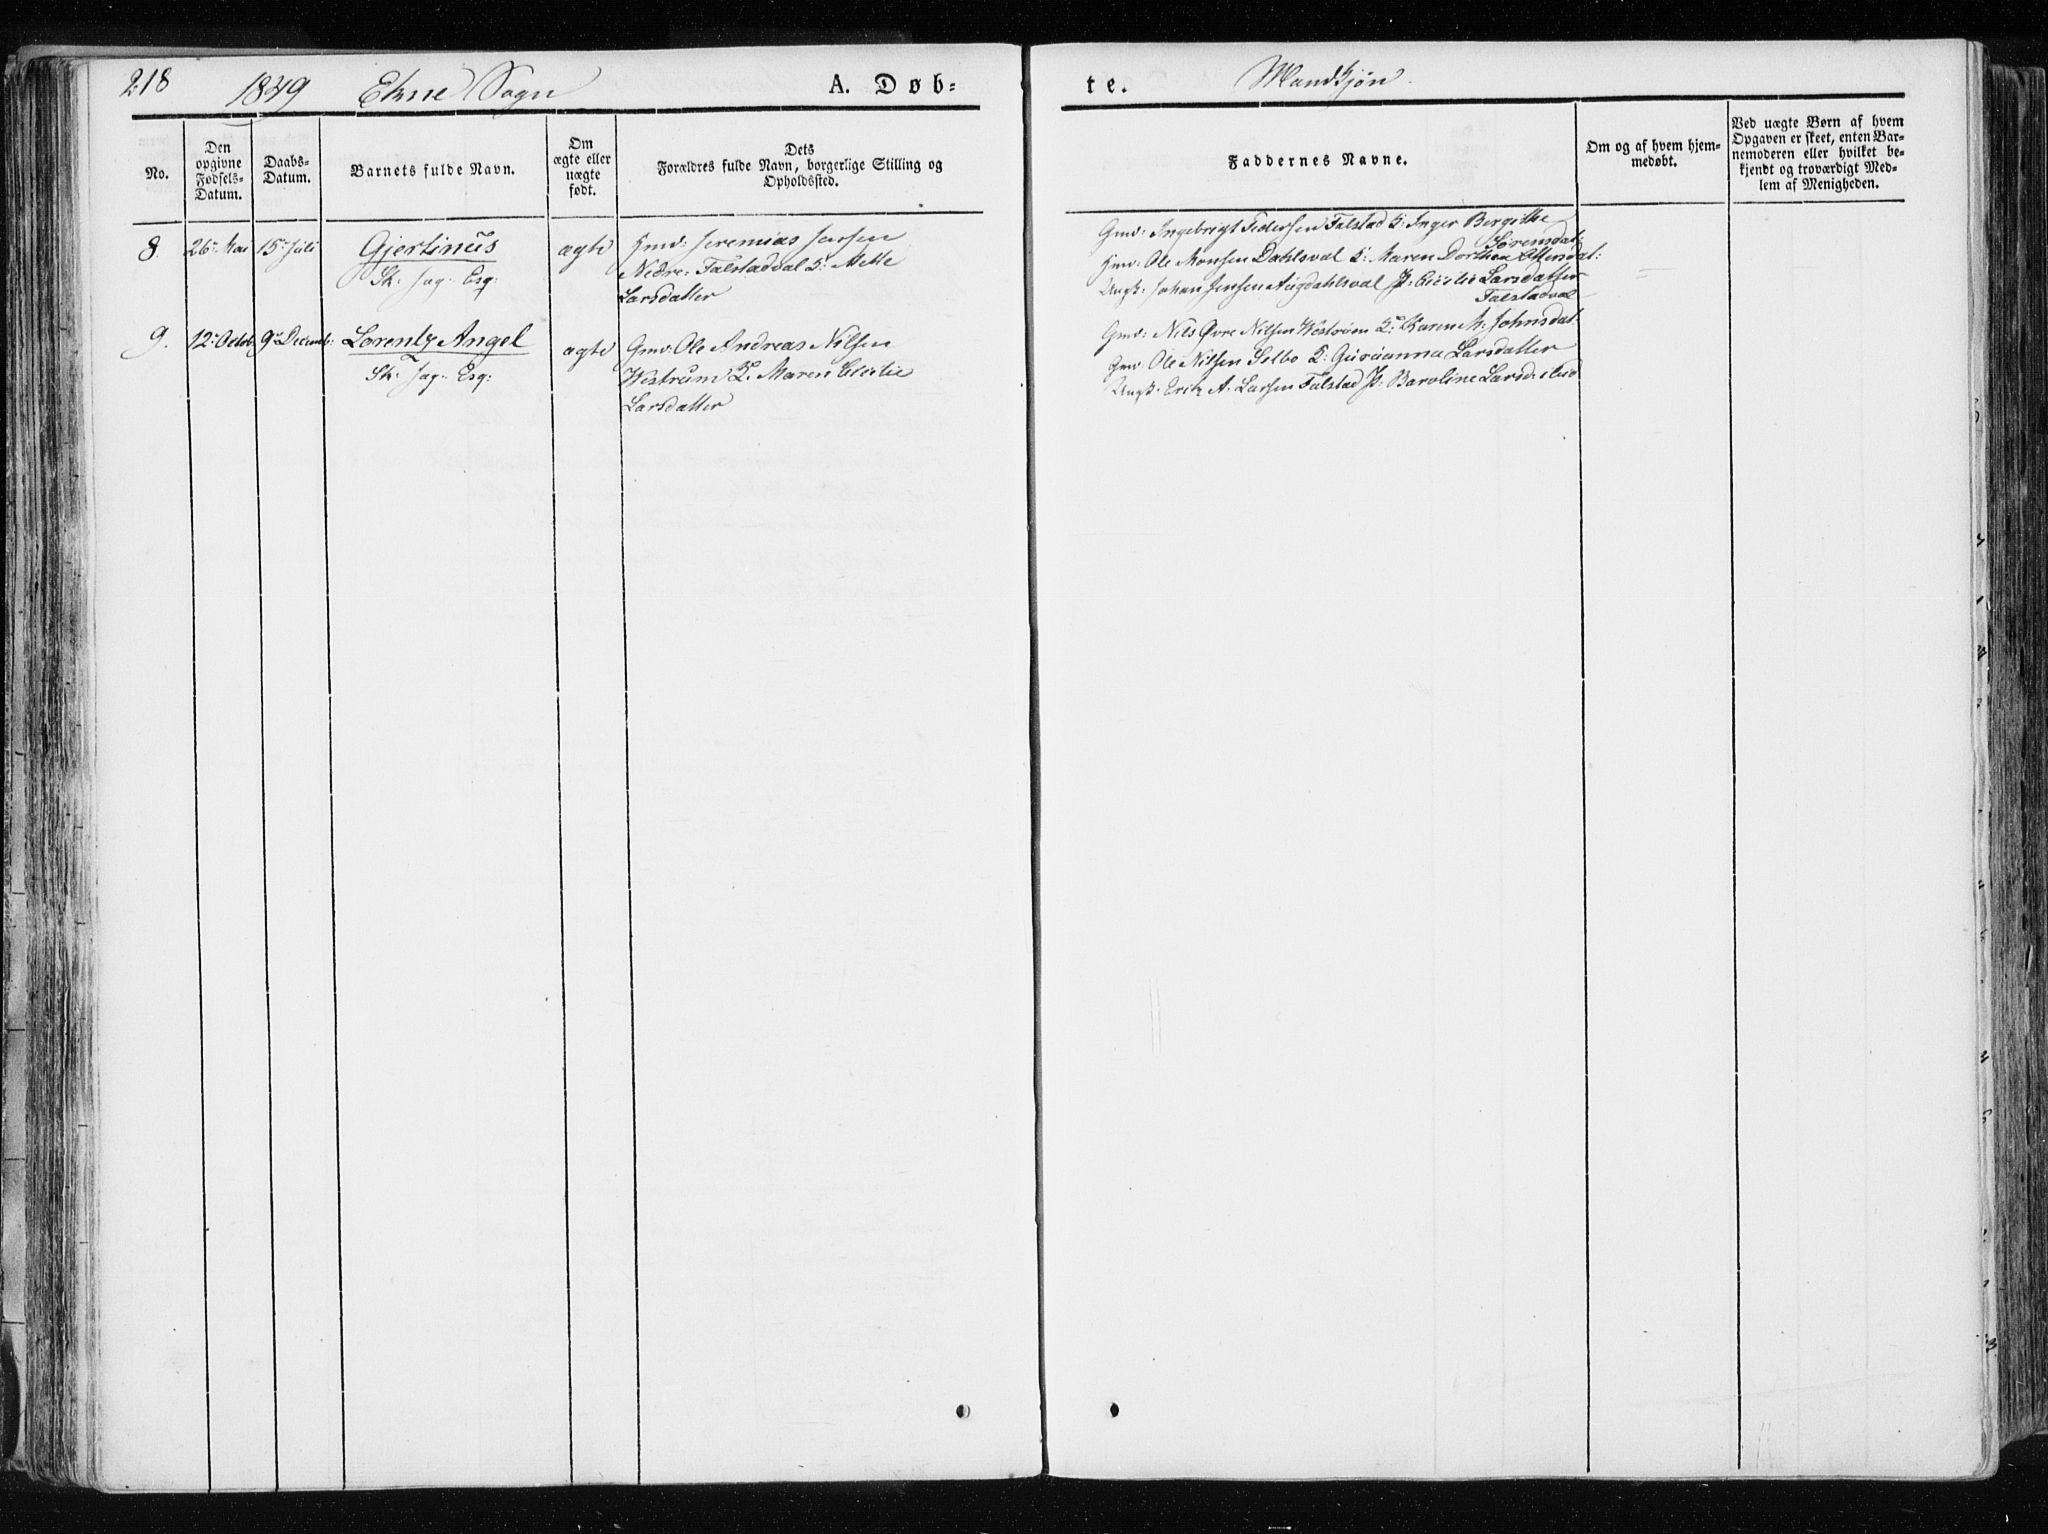 SAT, Ministerialprotokoller, klokkerbøker og fødselsregistre - Nord-Trøndelag, 717/L0154: Ministerialbok nr. 717A06 /2, 1836-1849, s. 218